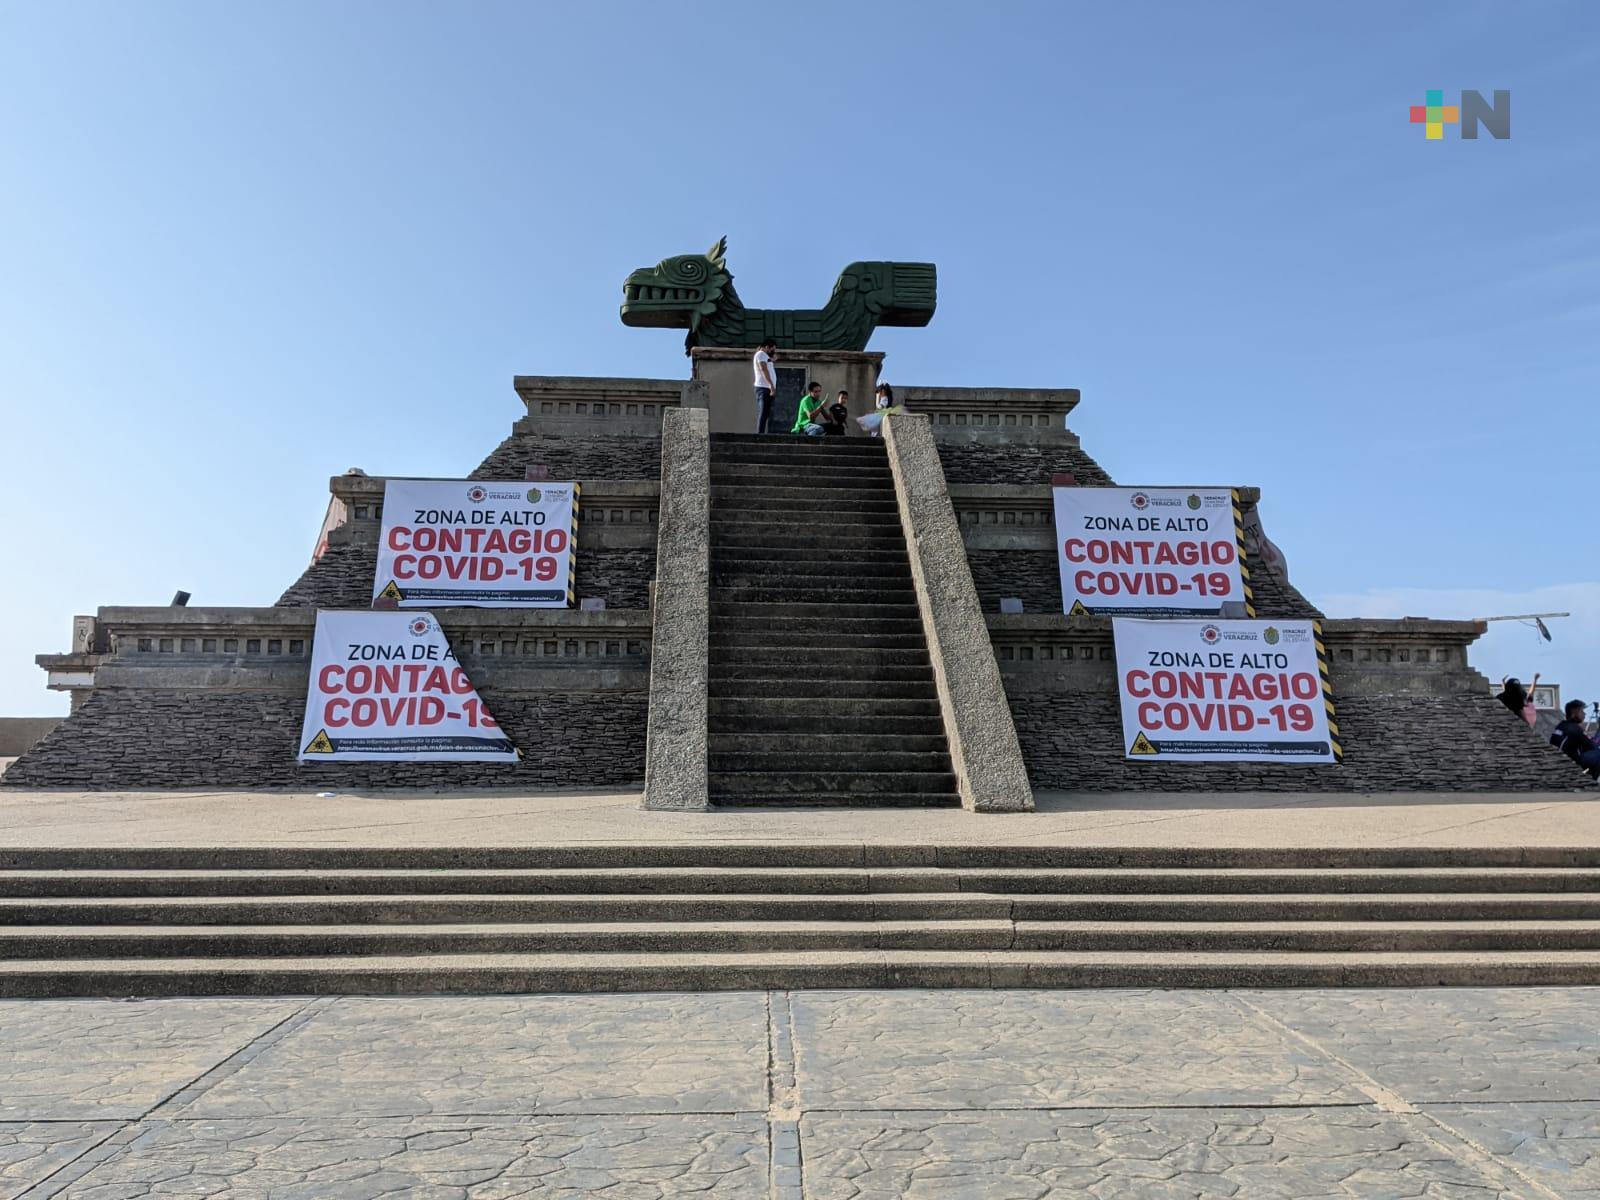 Pirámide del malecón de Coatzacoalcos es de alto riesgo para contagios de COVID-19